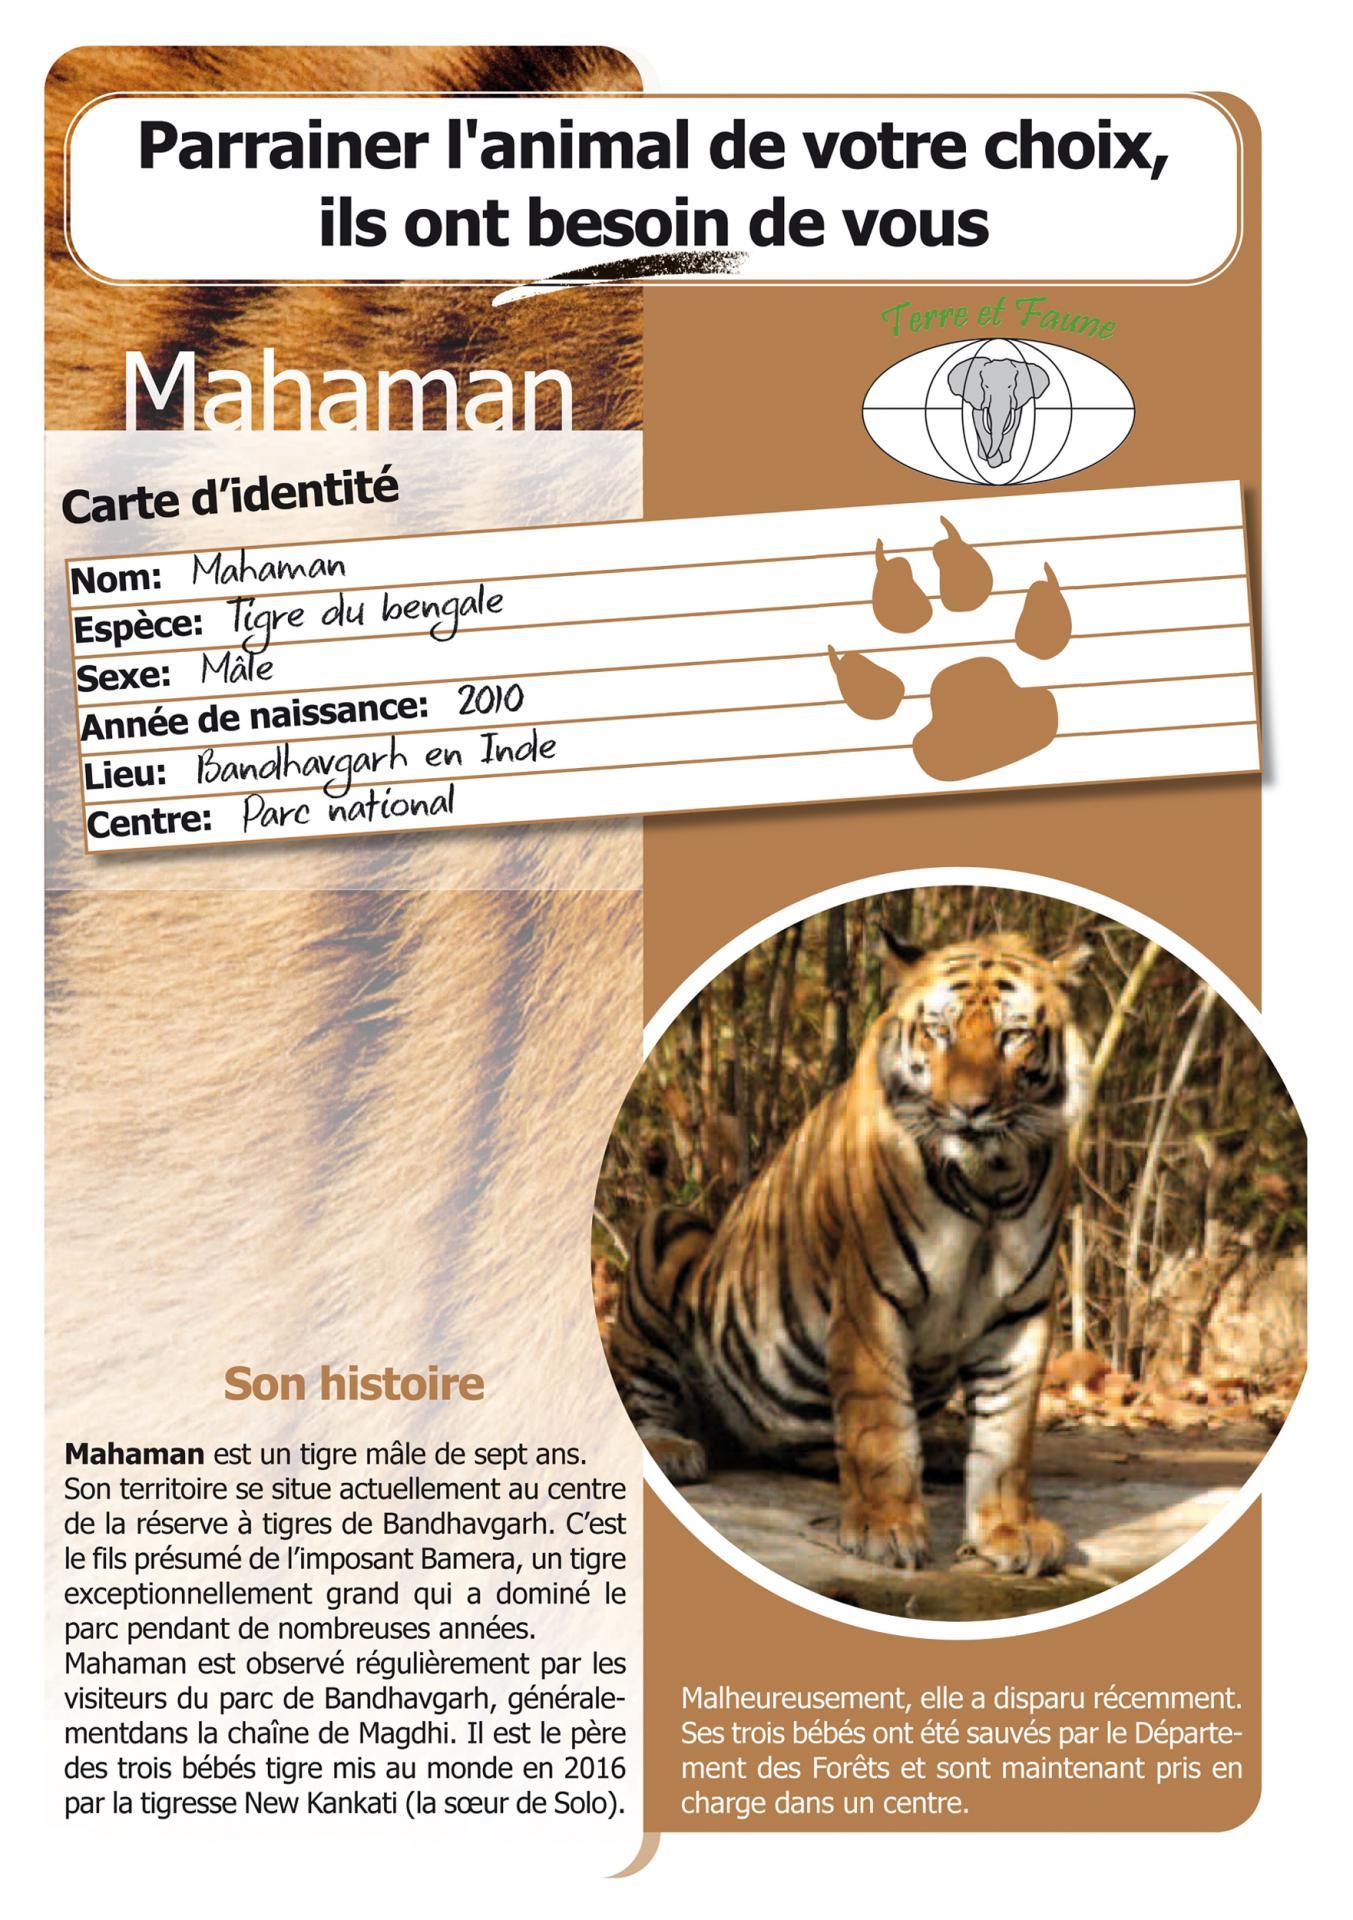 Mahaman